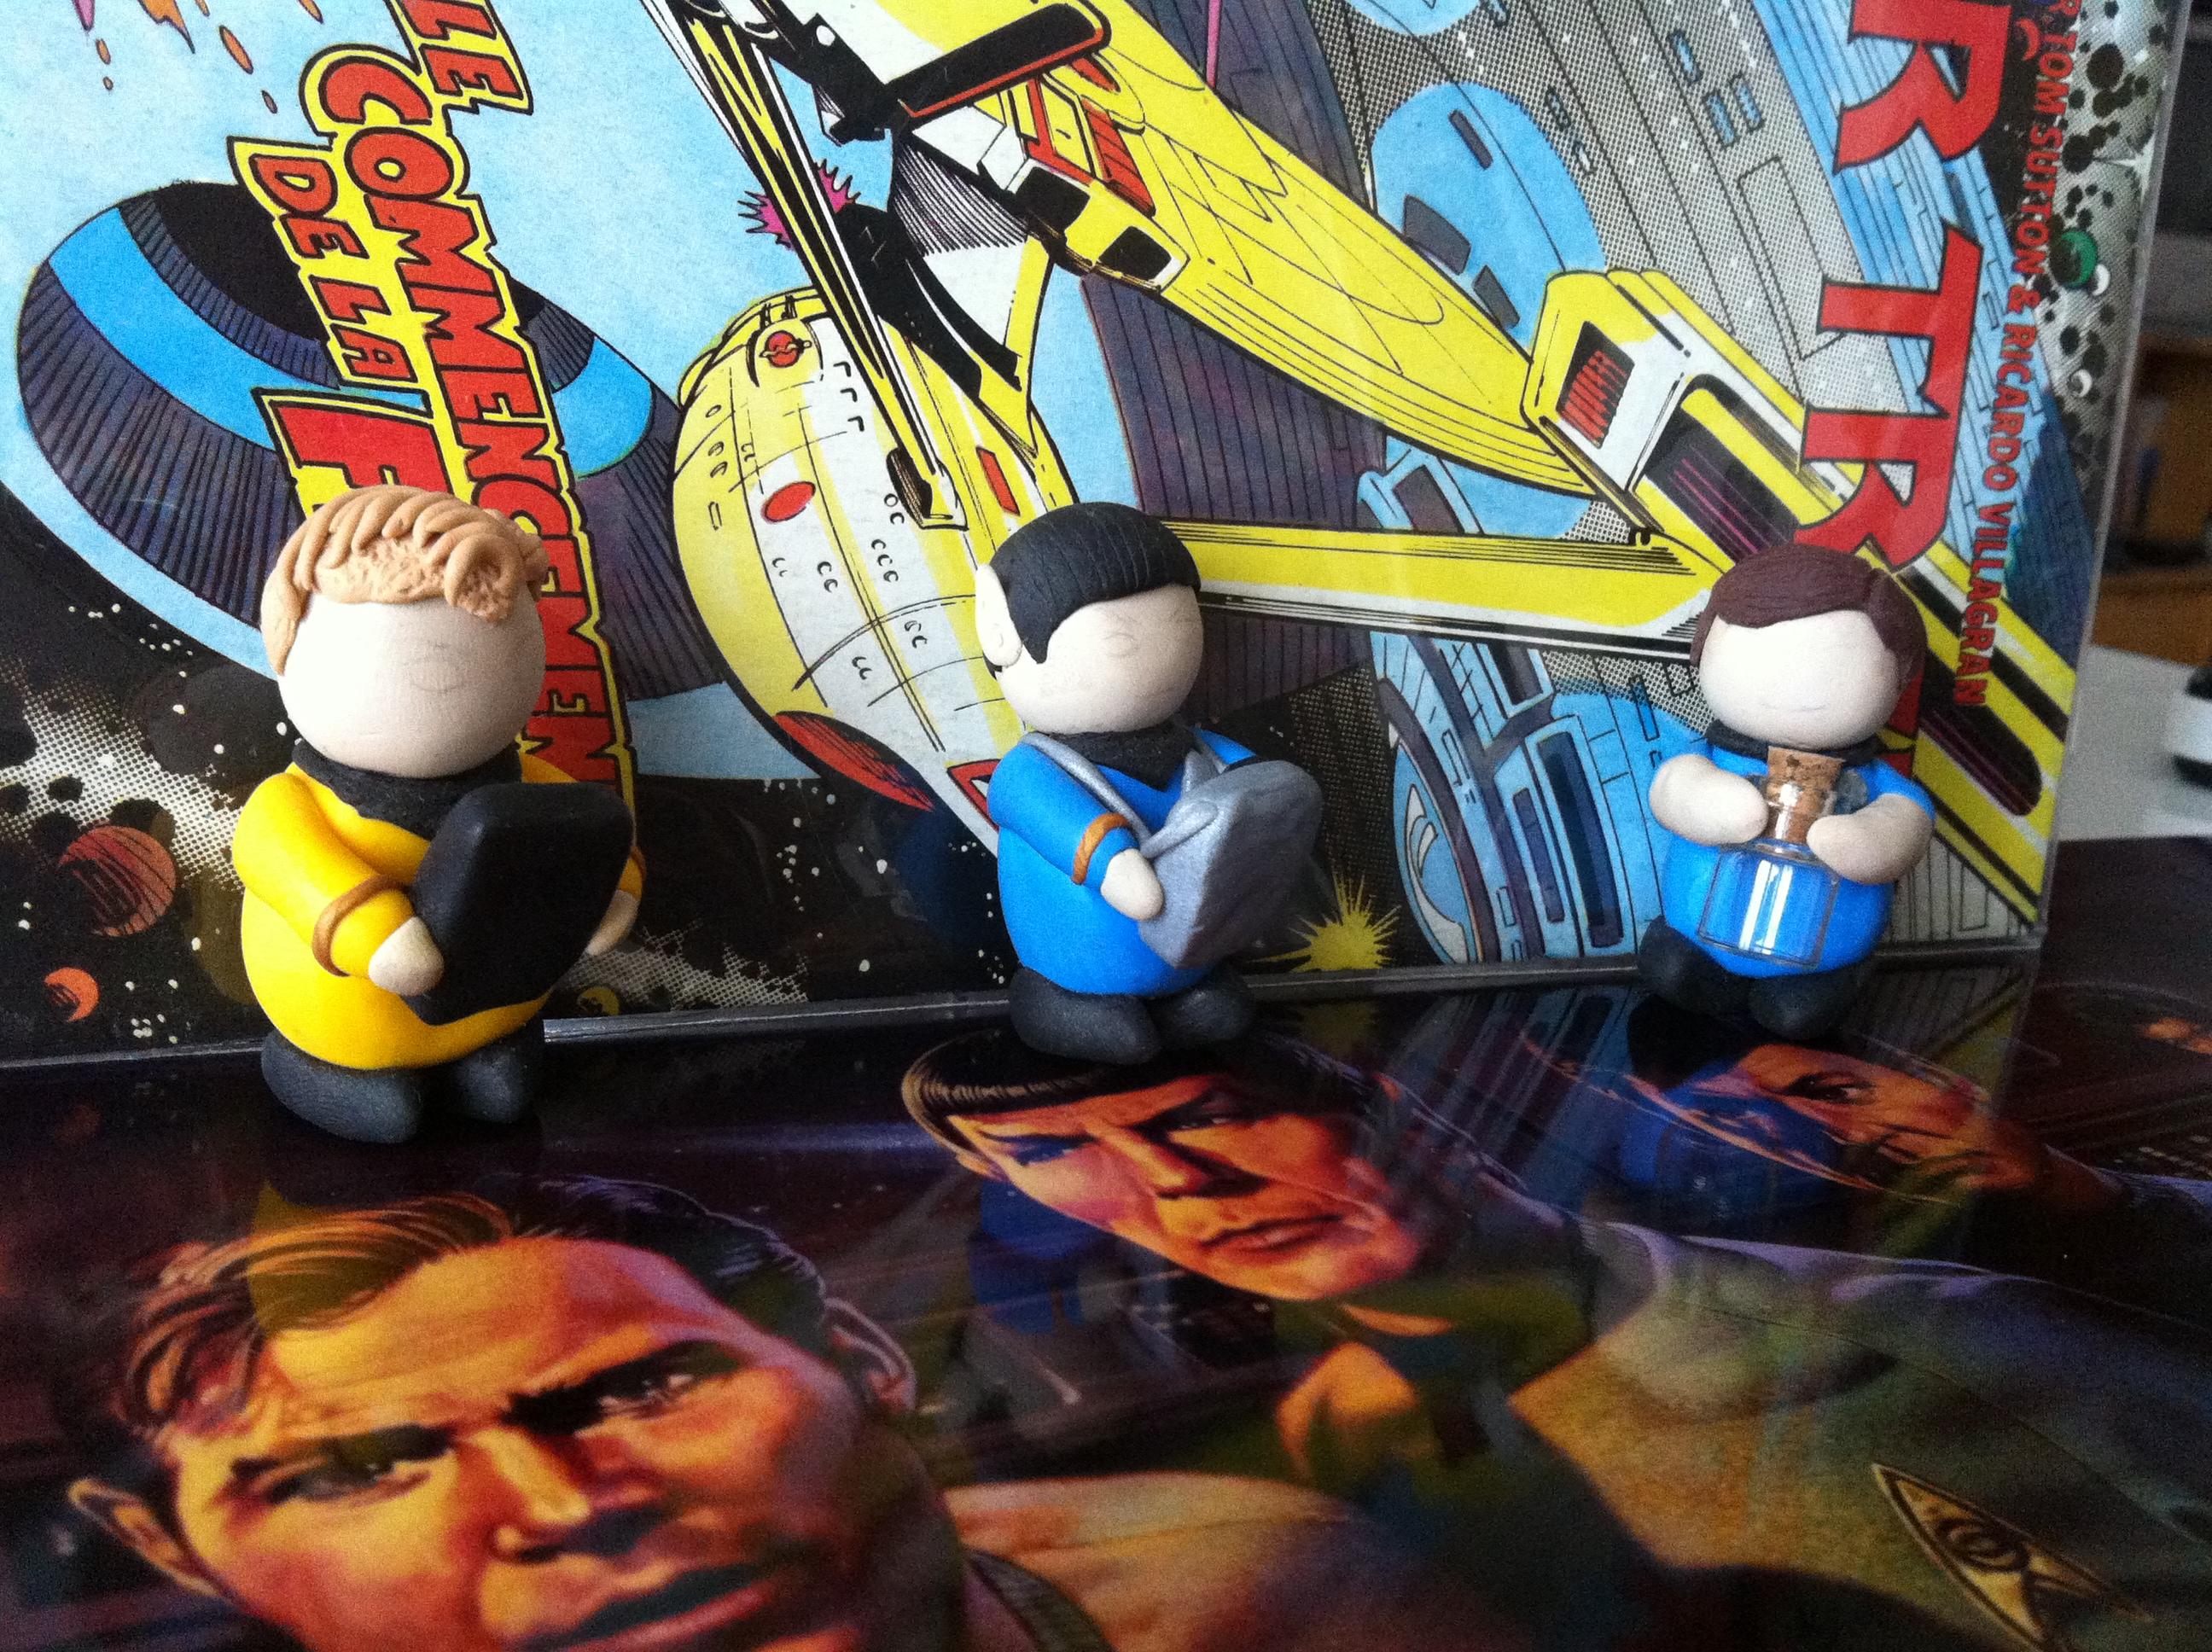 Personnages Fimo Star Trek QLlrMfiFPXOPUBhwEKzFUkDipEw